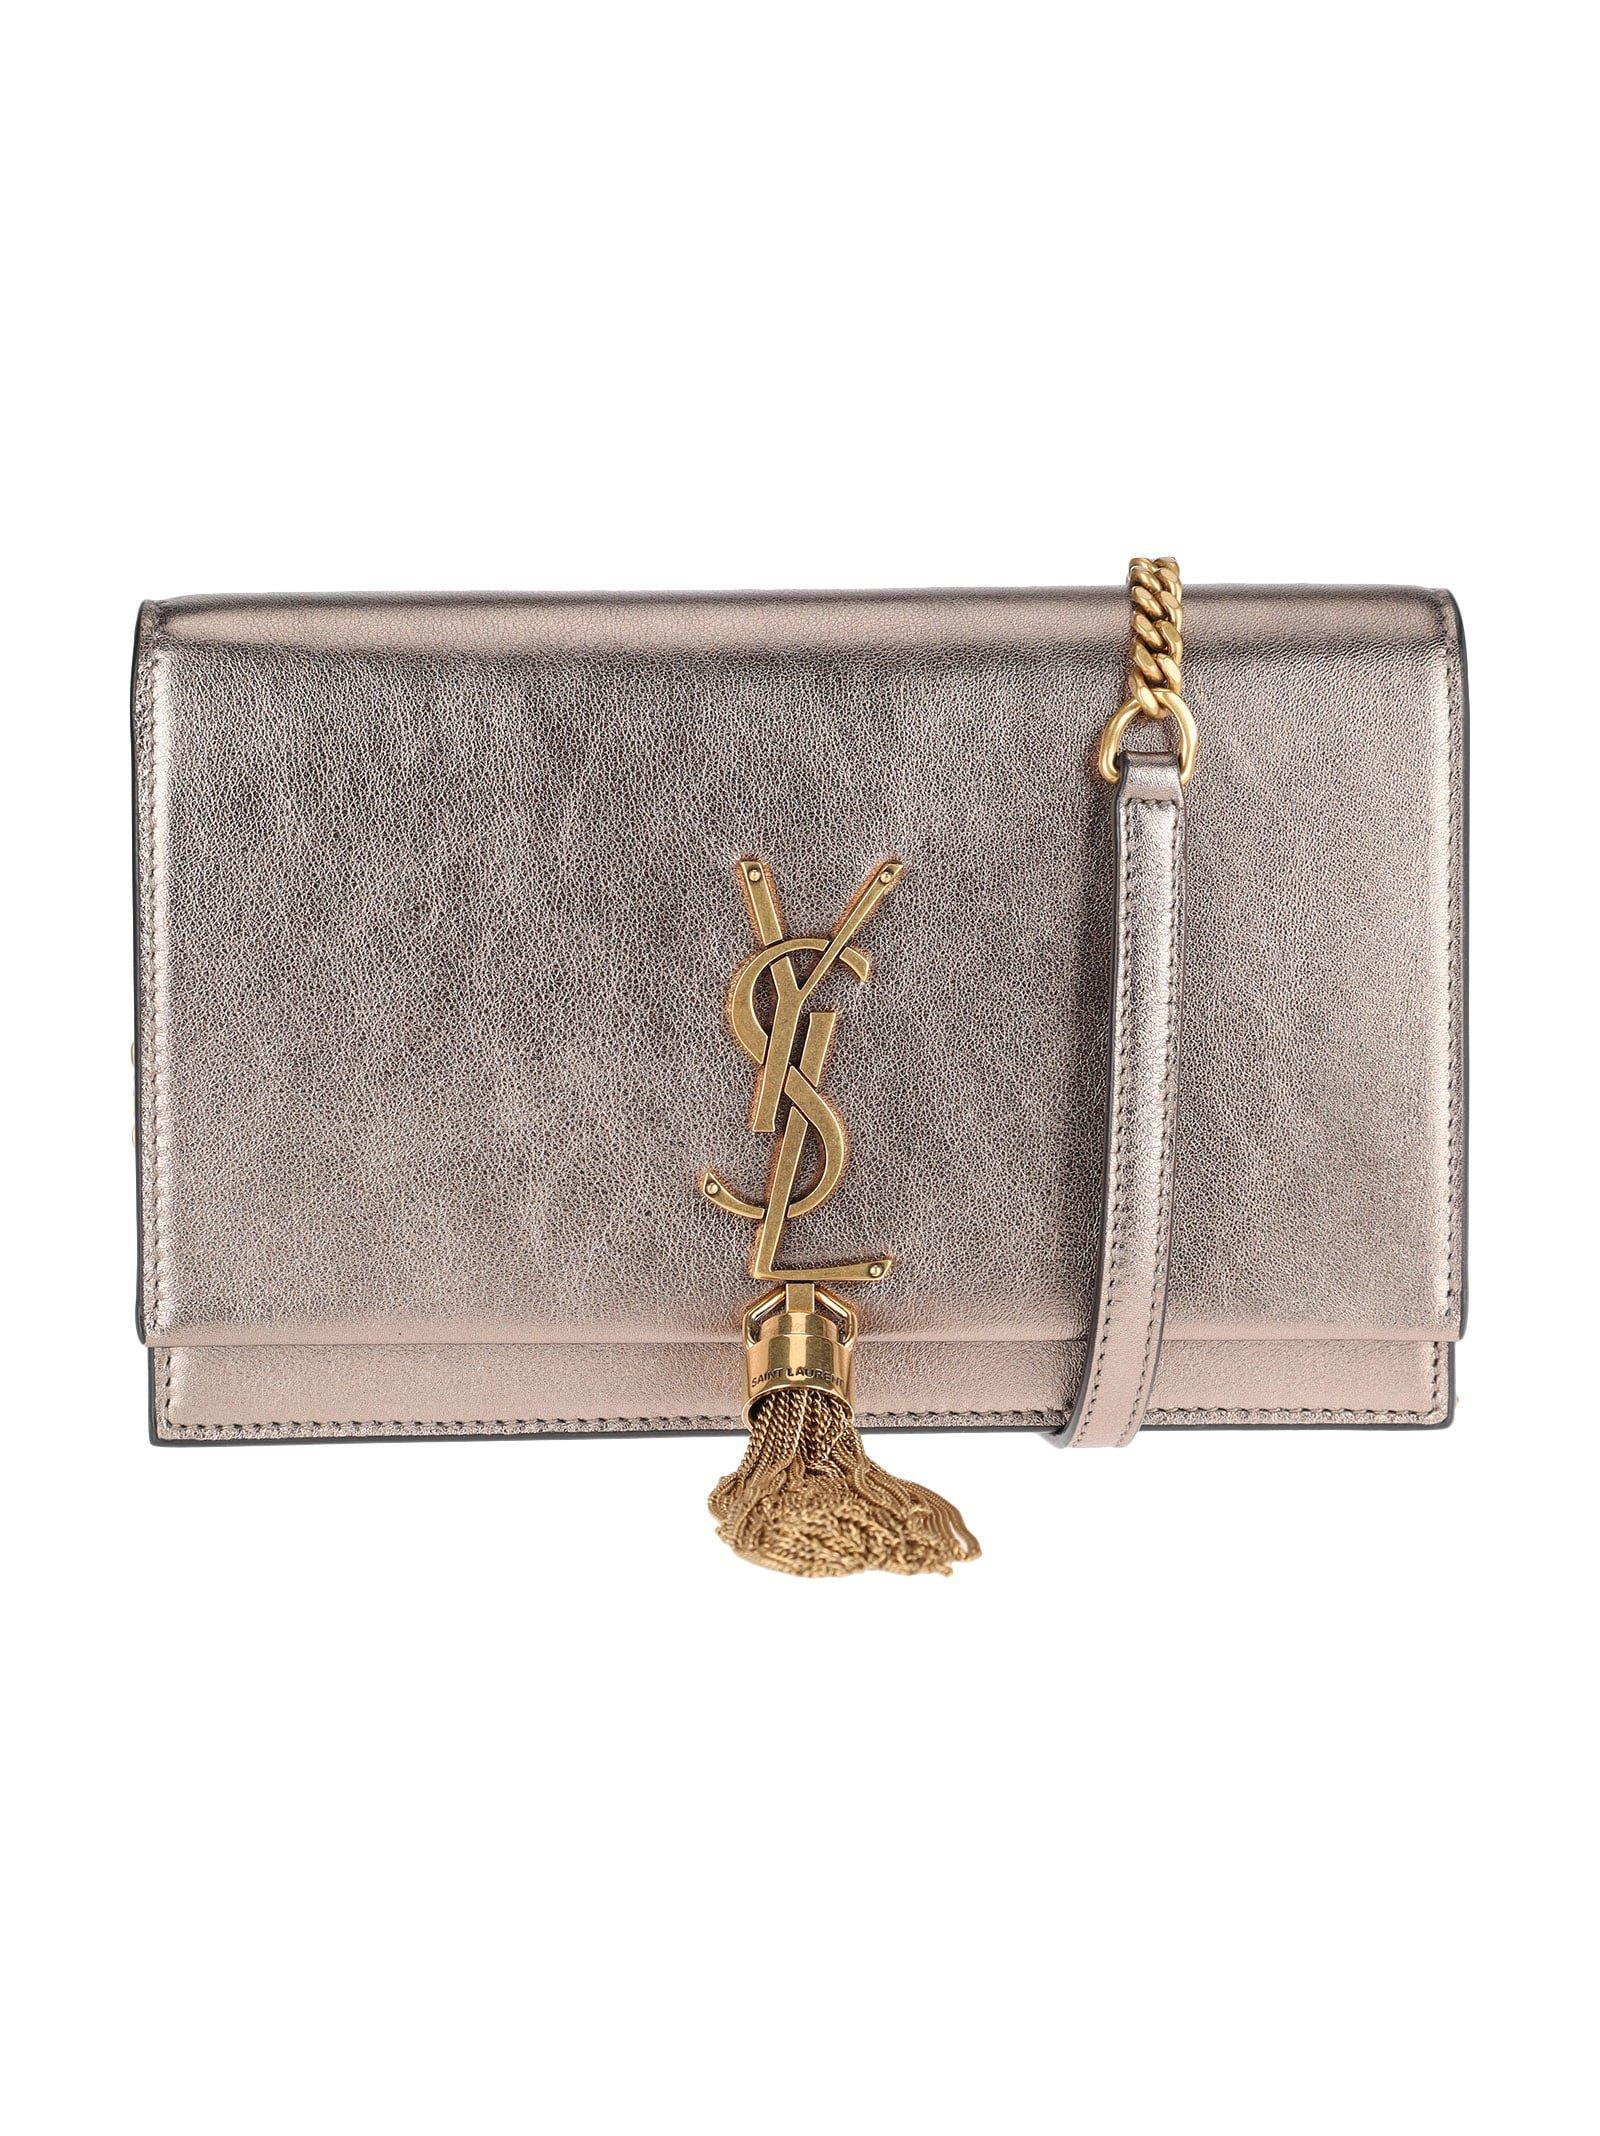 Saint Laurent Kate Shoulder Bag